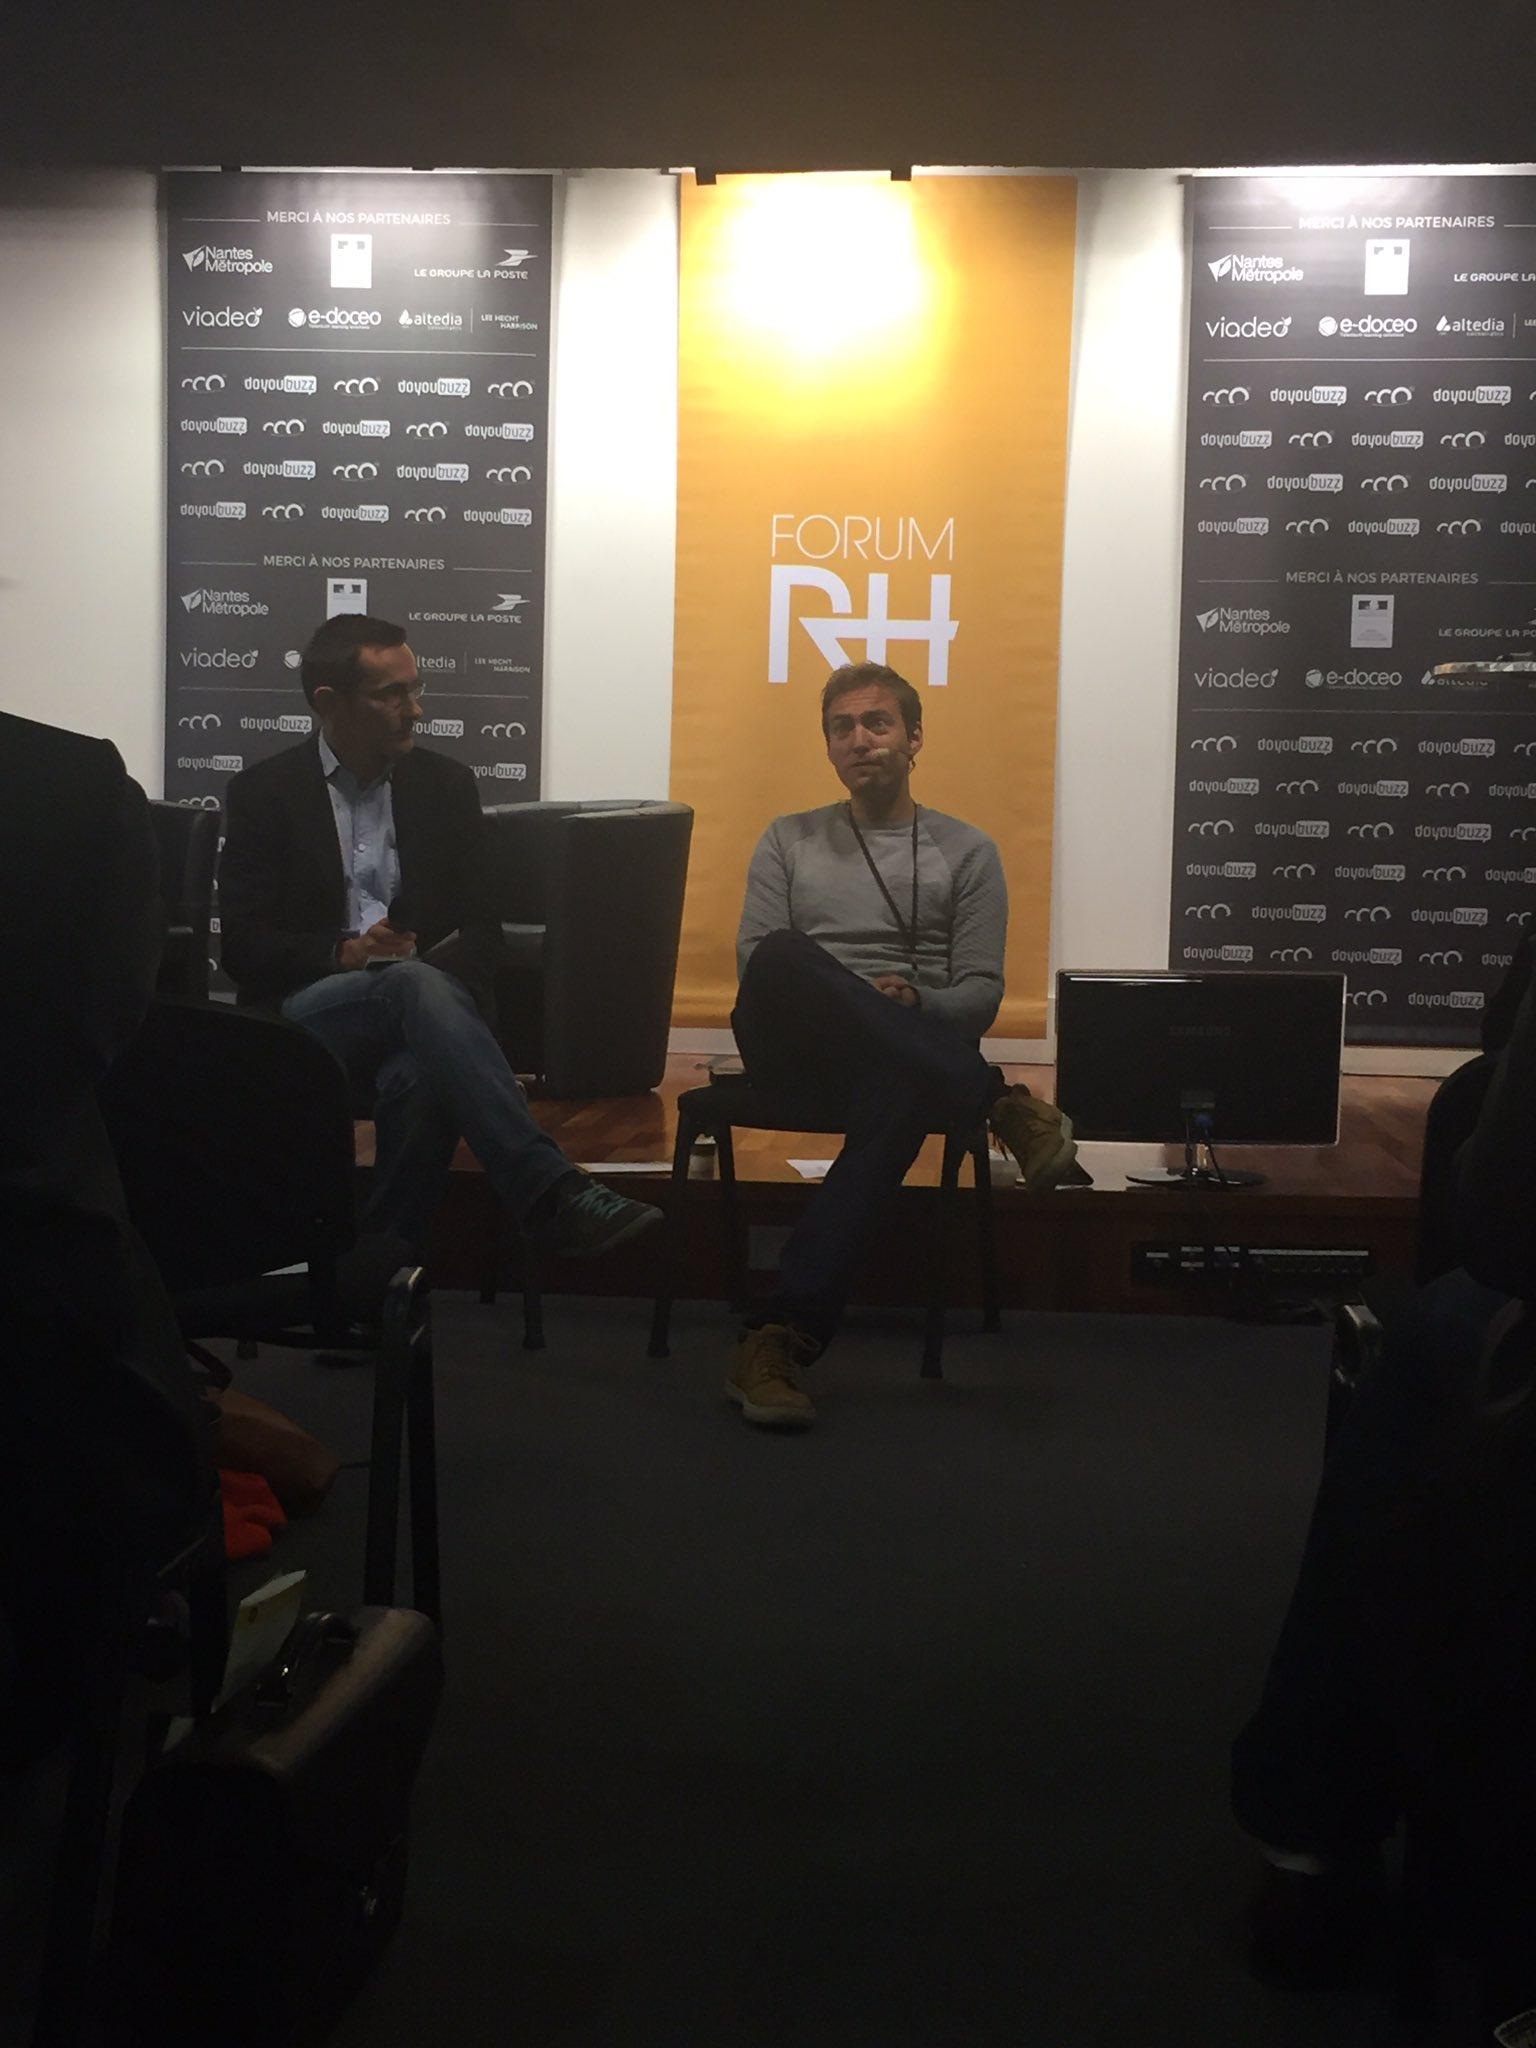 """Premier atelier au #ForumRH avec @ludosim et @_chartalex """"Peut on s'inspirer de la Silicon Valley pour favoriser l'engagement ?"""" #travail https://t.co/PIexXFMPck"""